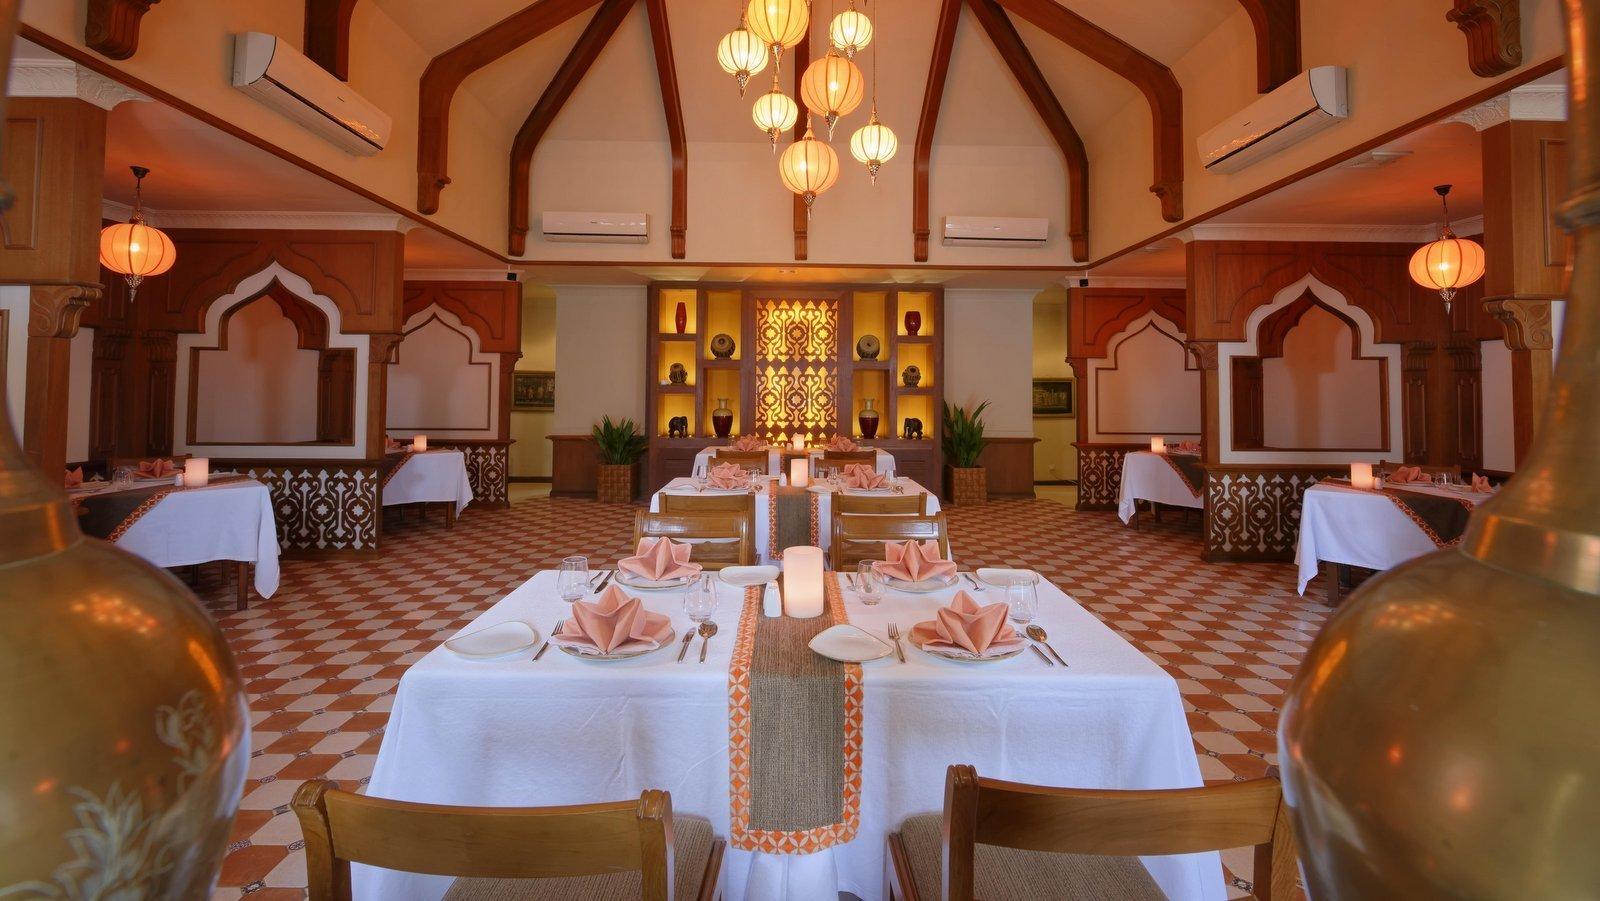 Мальдивы, отель Kurumba Maldives, ресторан Al Qasr